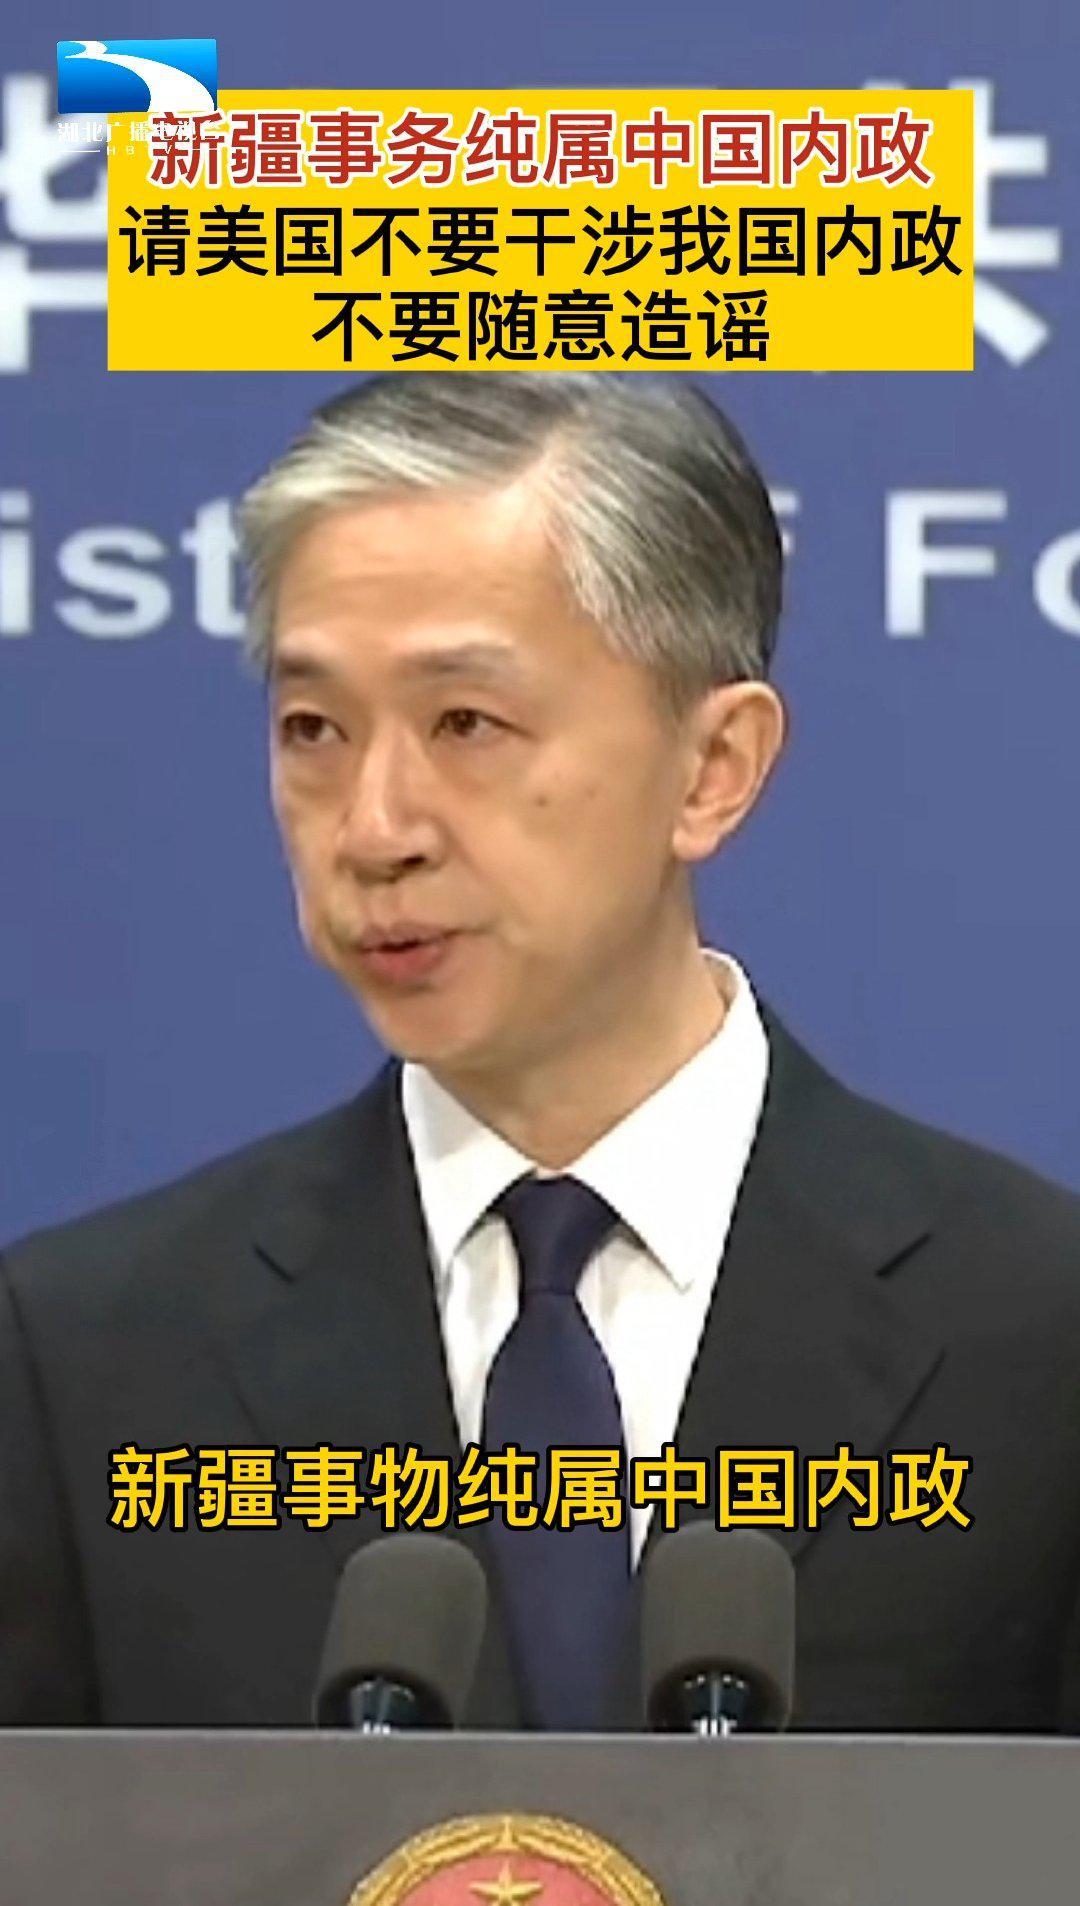 如美方执意妄为,中方必将坚决回击!新疆事务纯属中国内政……